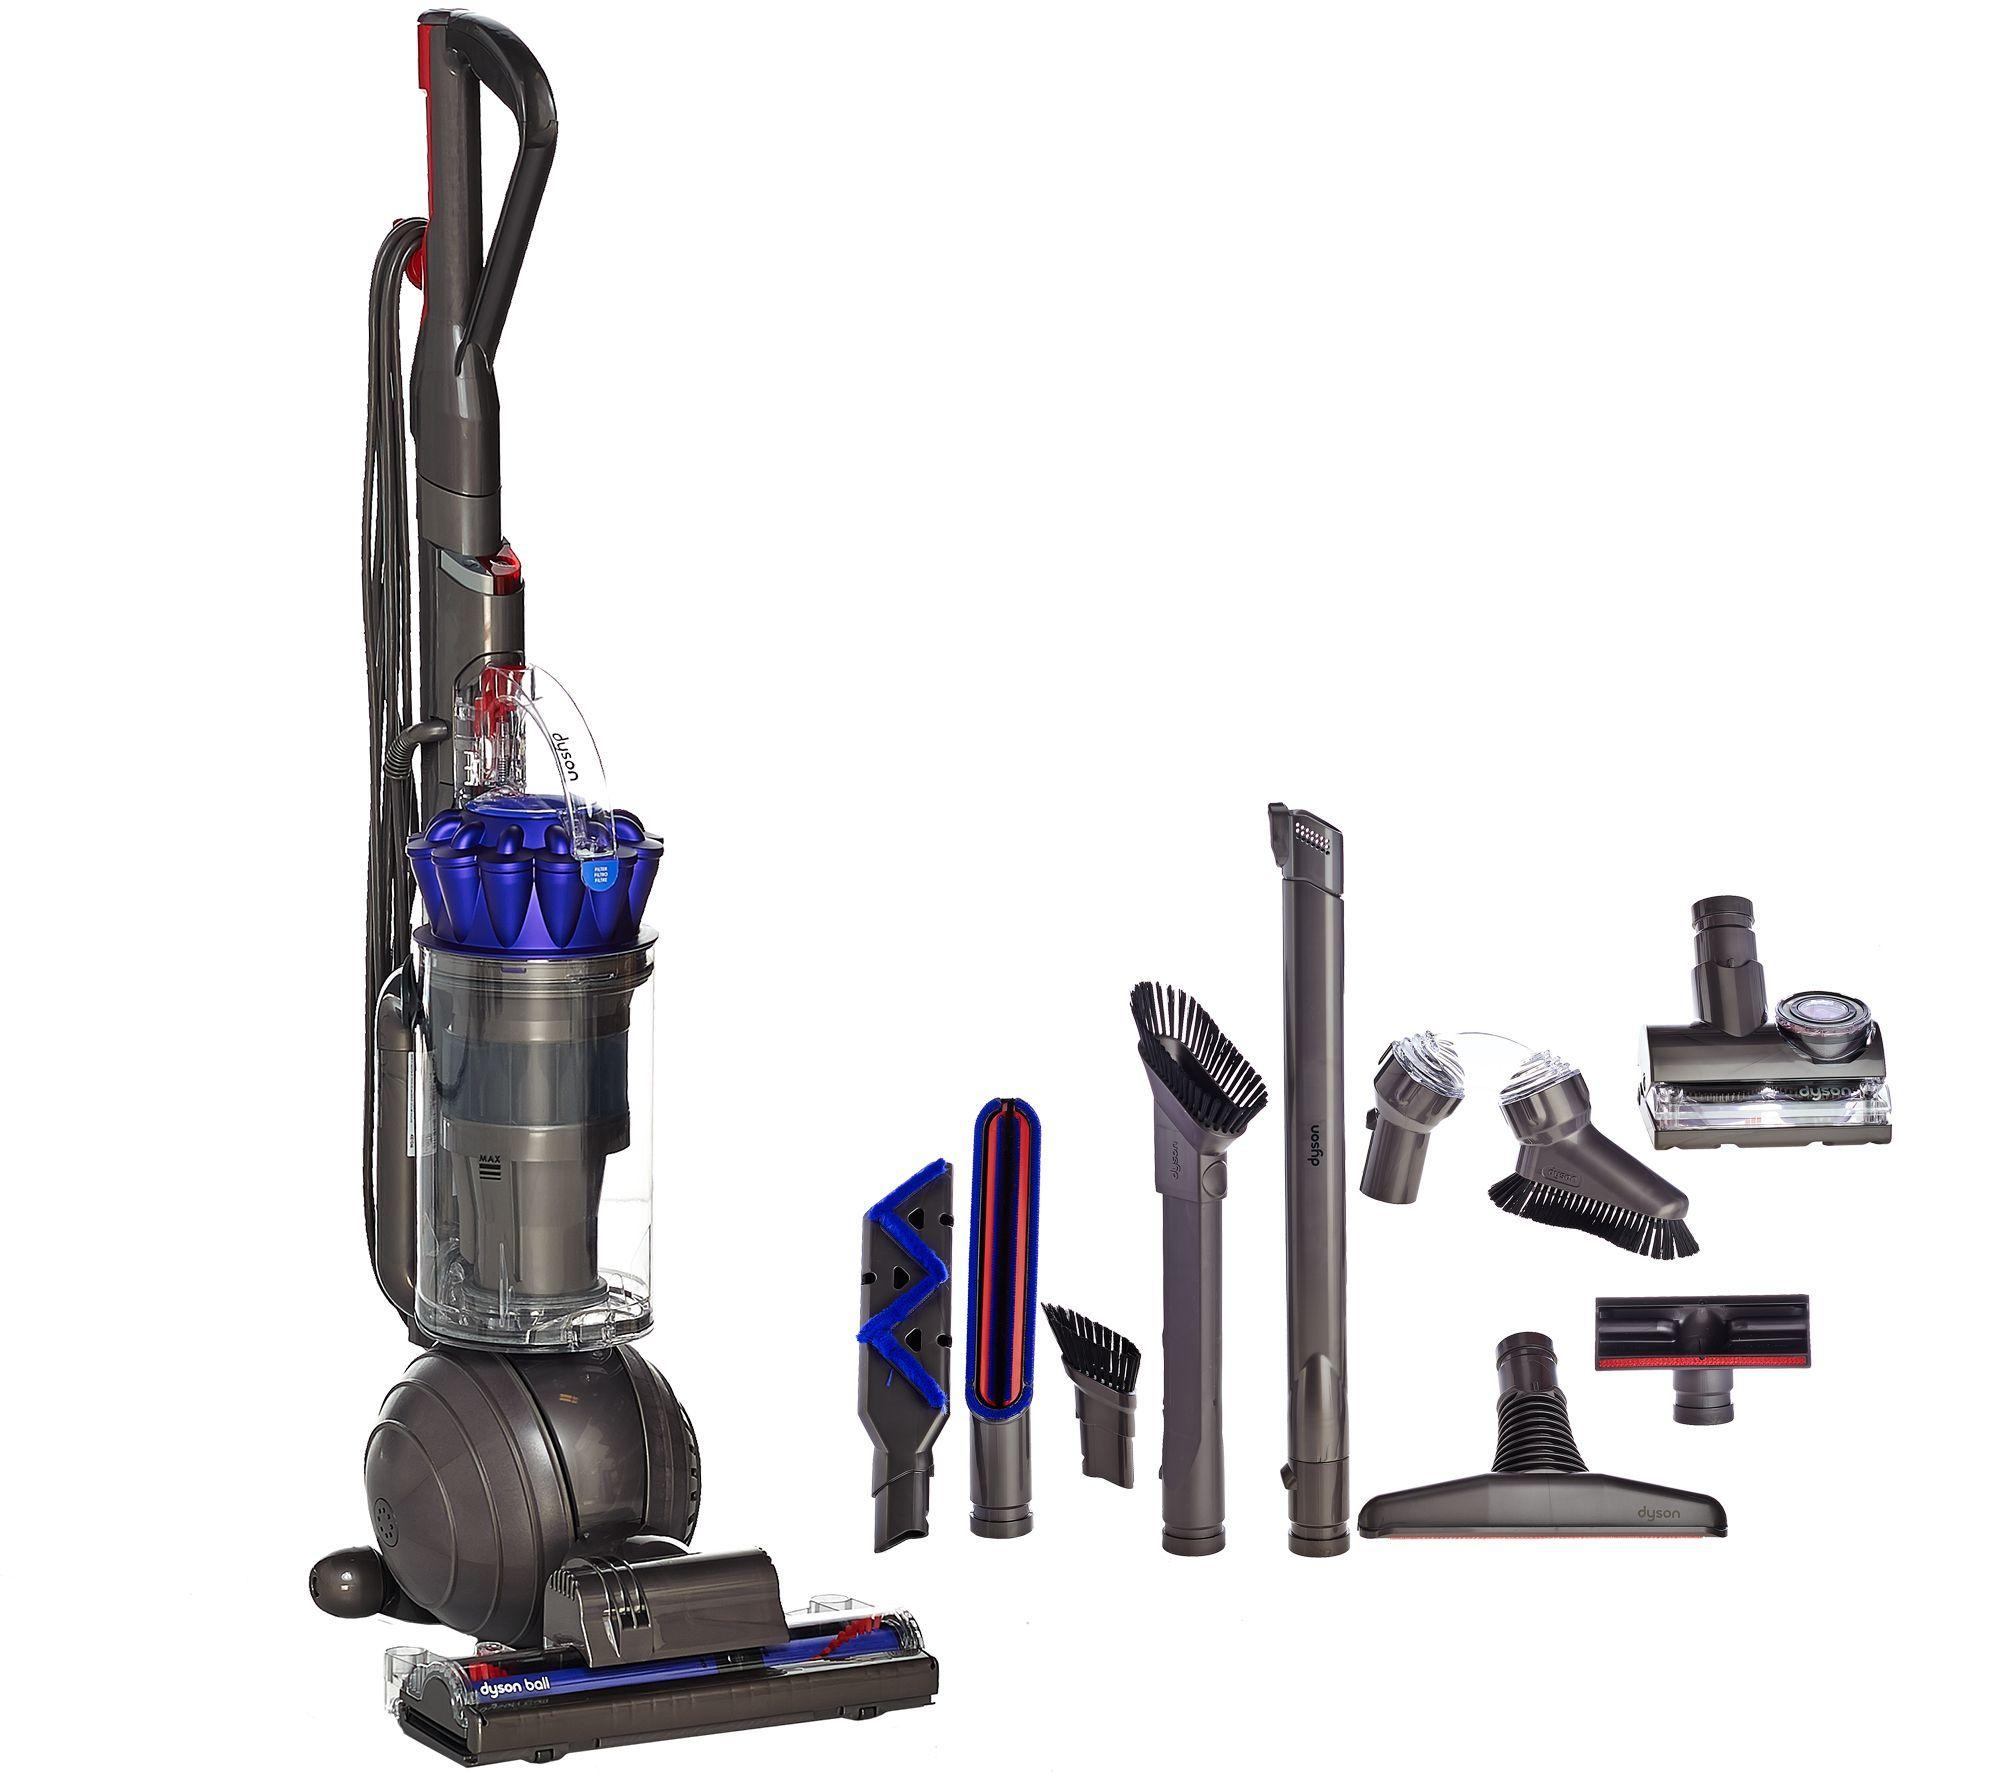 Cheap dyson ball vacuum cleaners дайсон пылесос купить в пензе